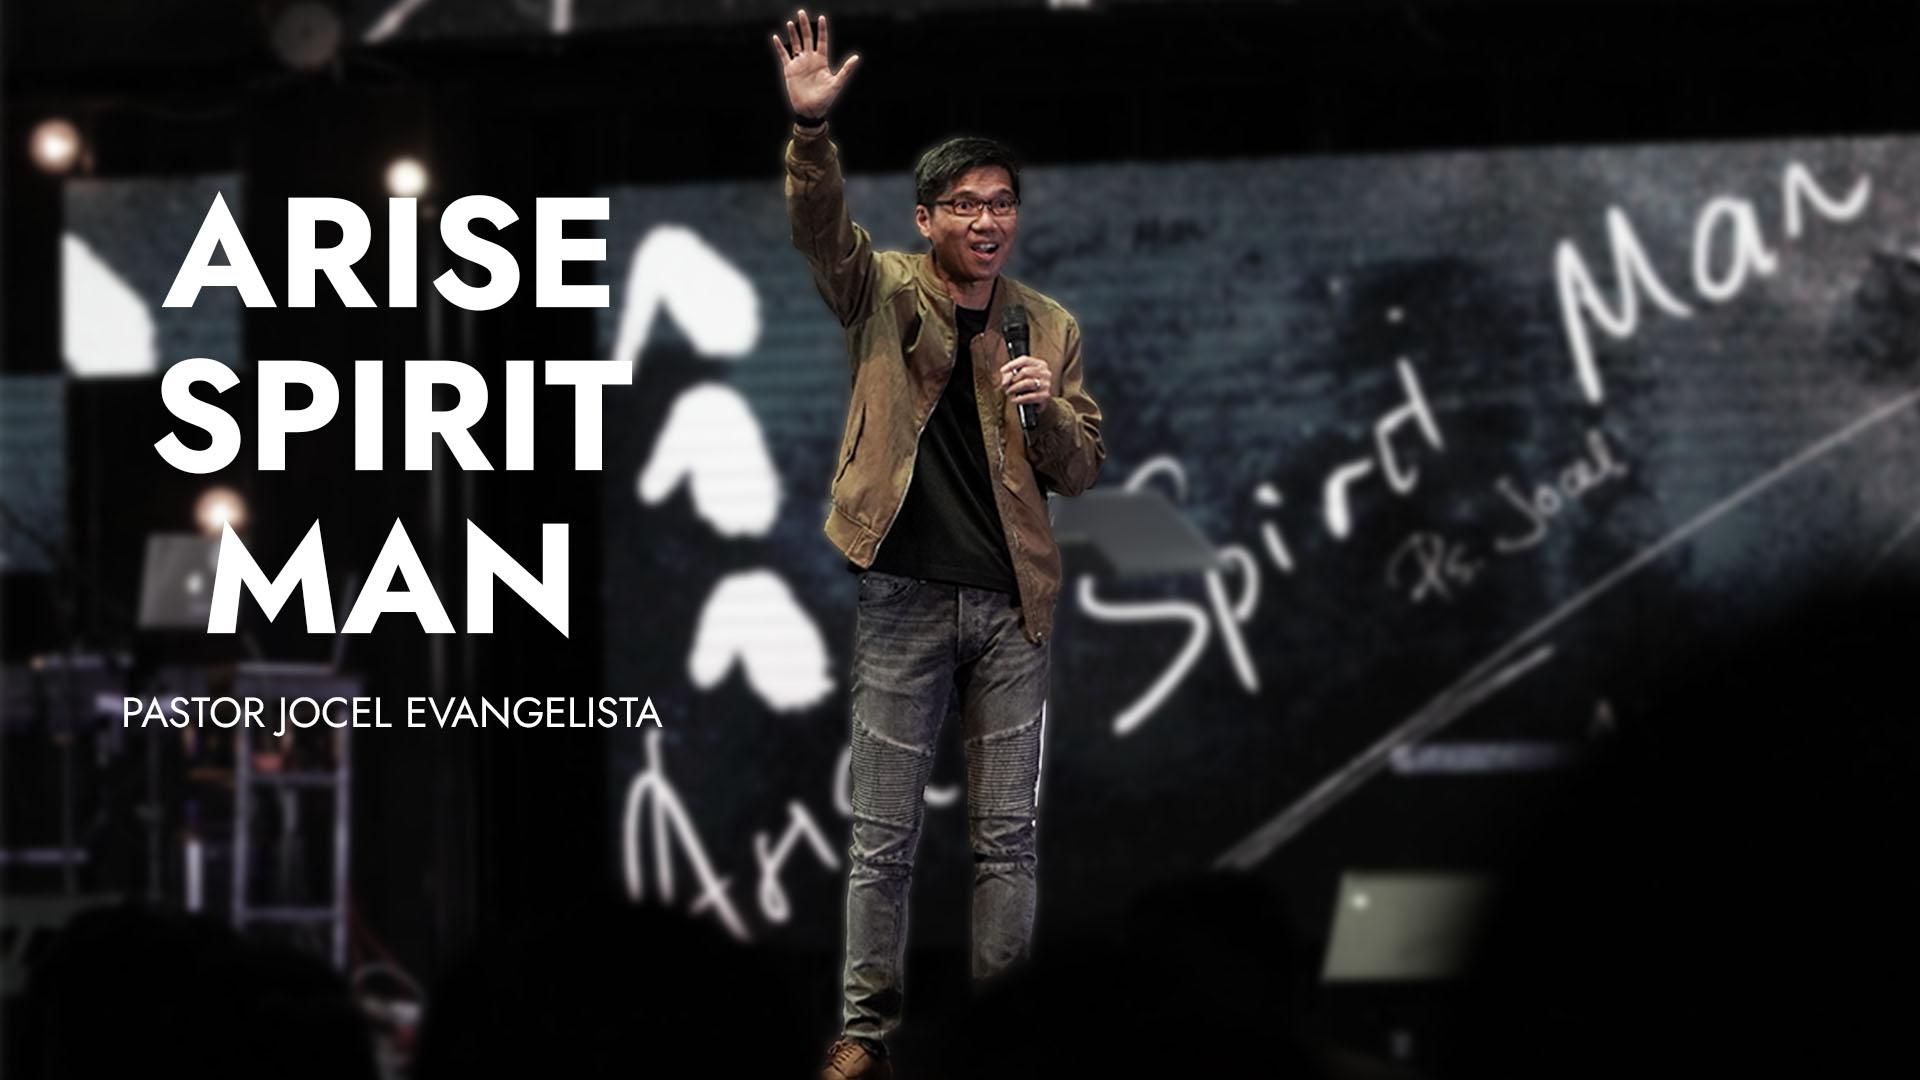 ARISE SPIRIT MAN Image